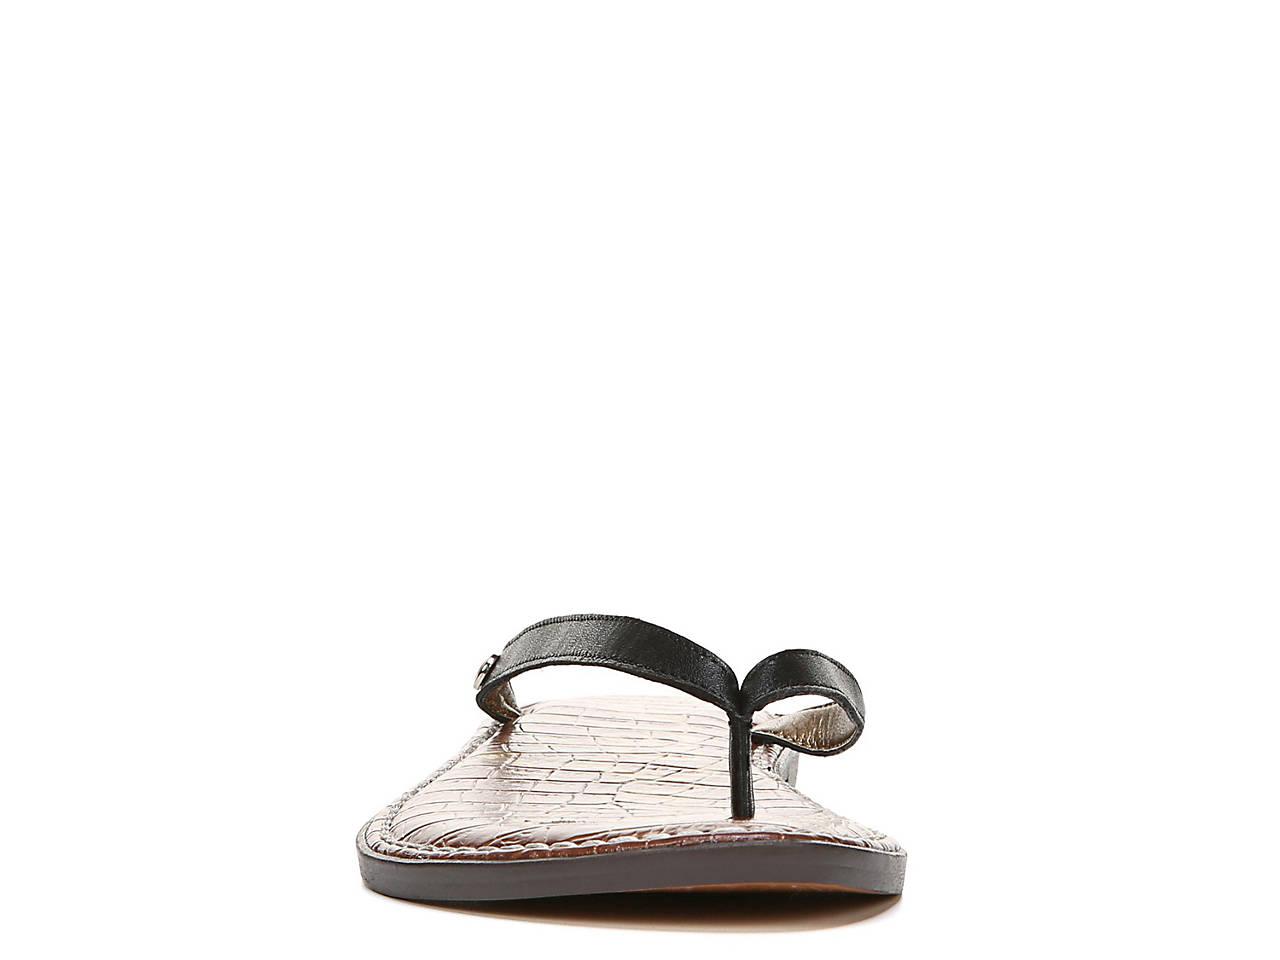 d90038dcaf02b7 Sam Edelman Gracie Flip Flop Women s Shoes